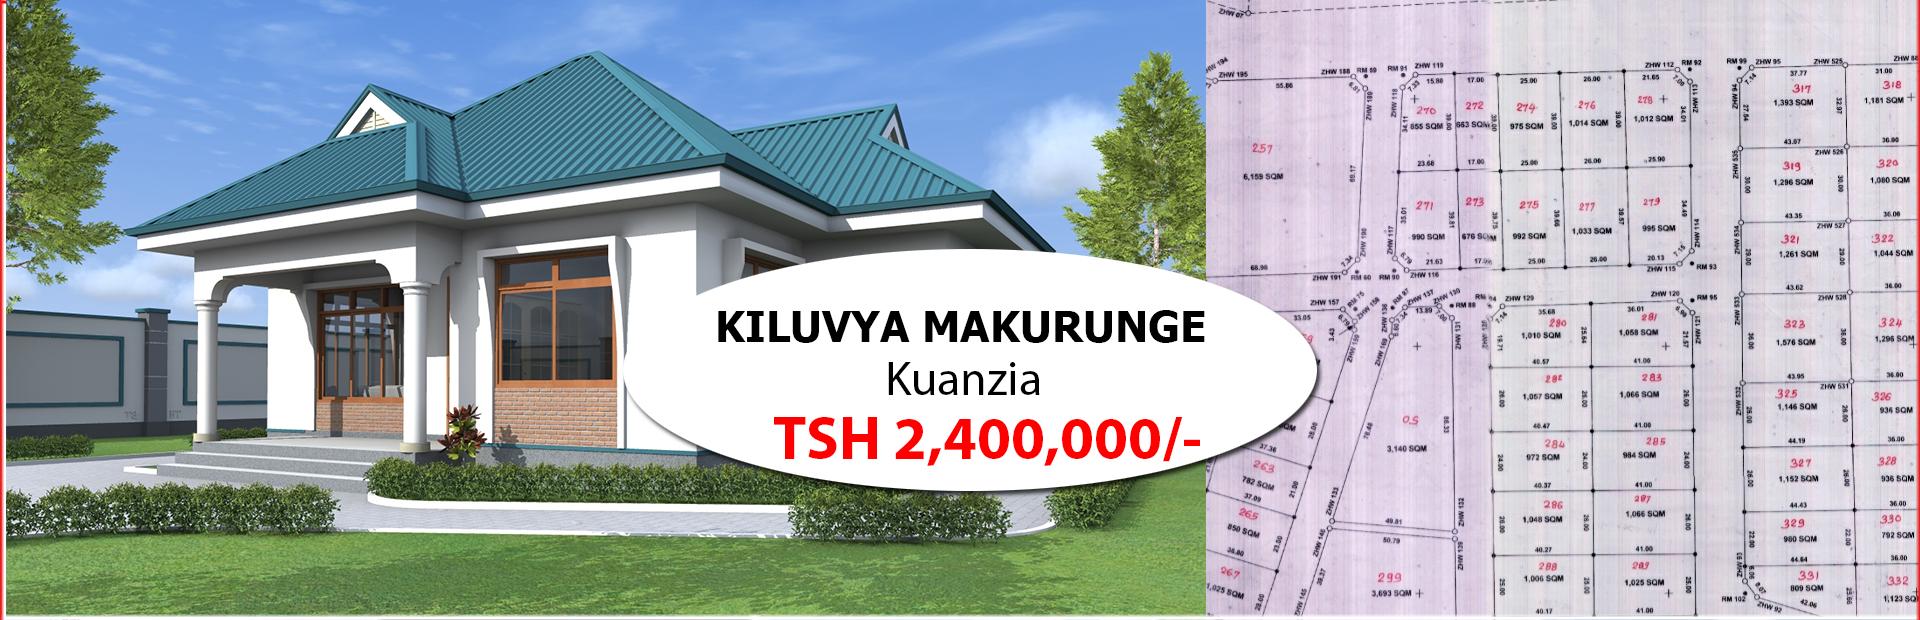 Kiluvya Kimochi-Kuanzia Tsh. 2,400,000/-